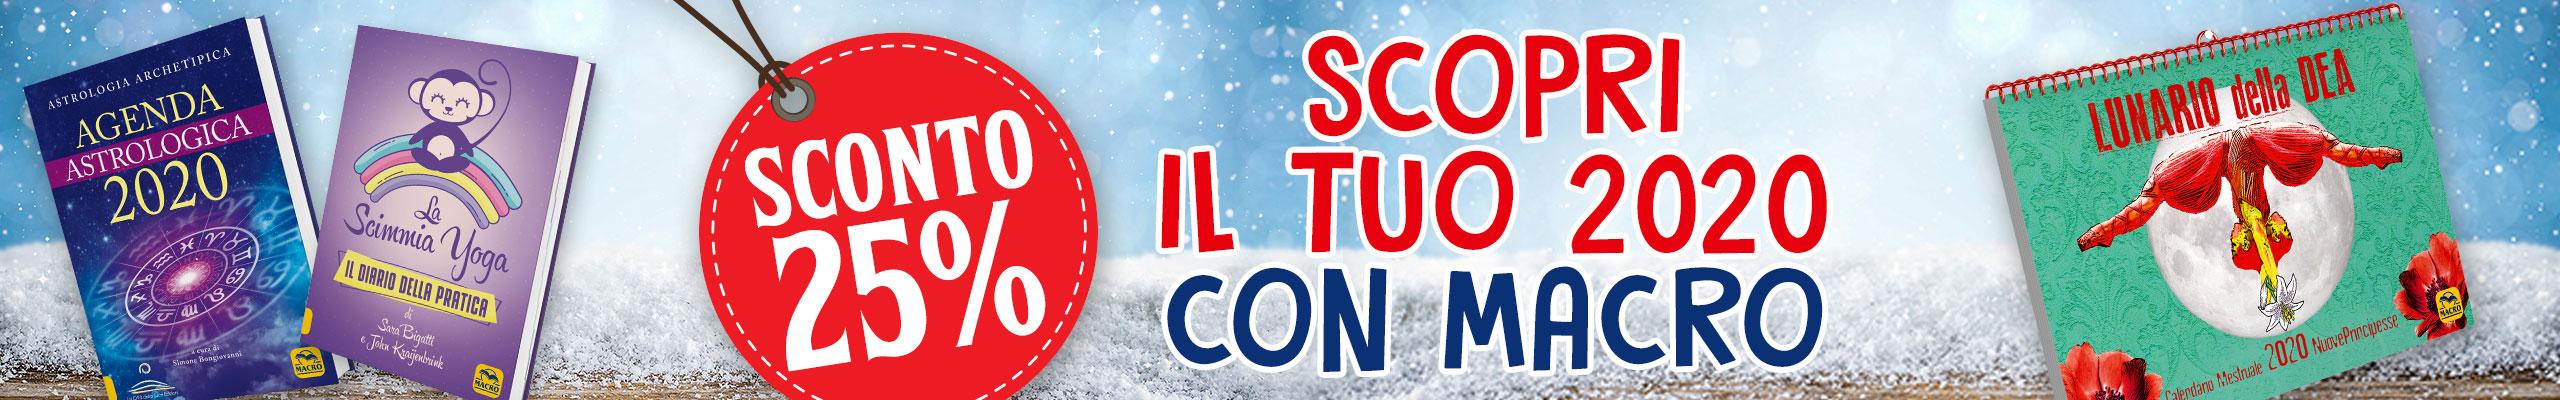 Agende Macro Edizioni -25%